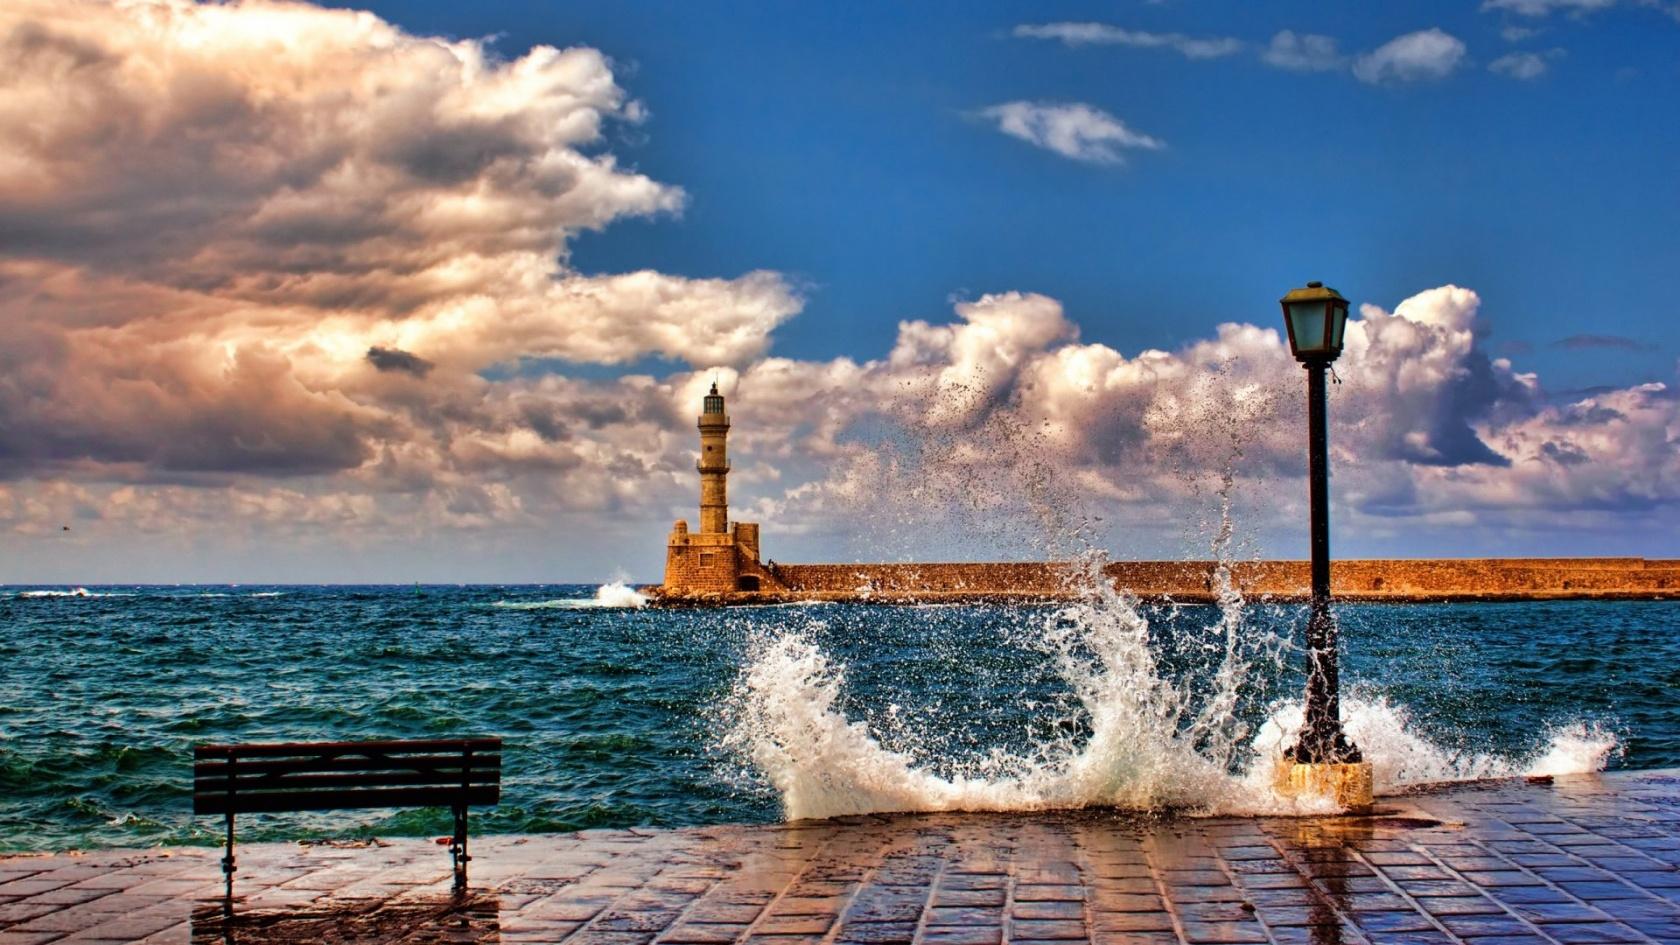 Beautiful Ocean Views ocean views wallpaper - wallpapersafari